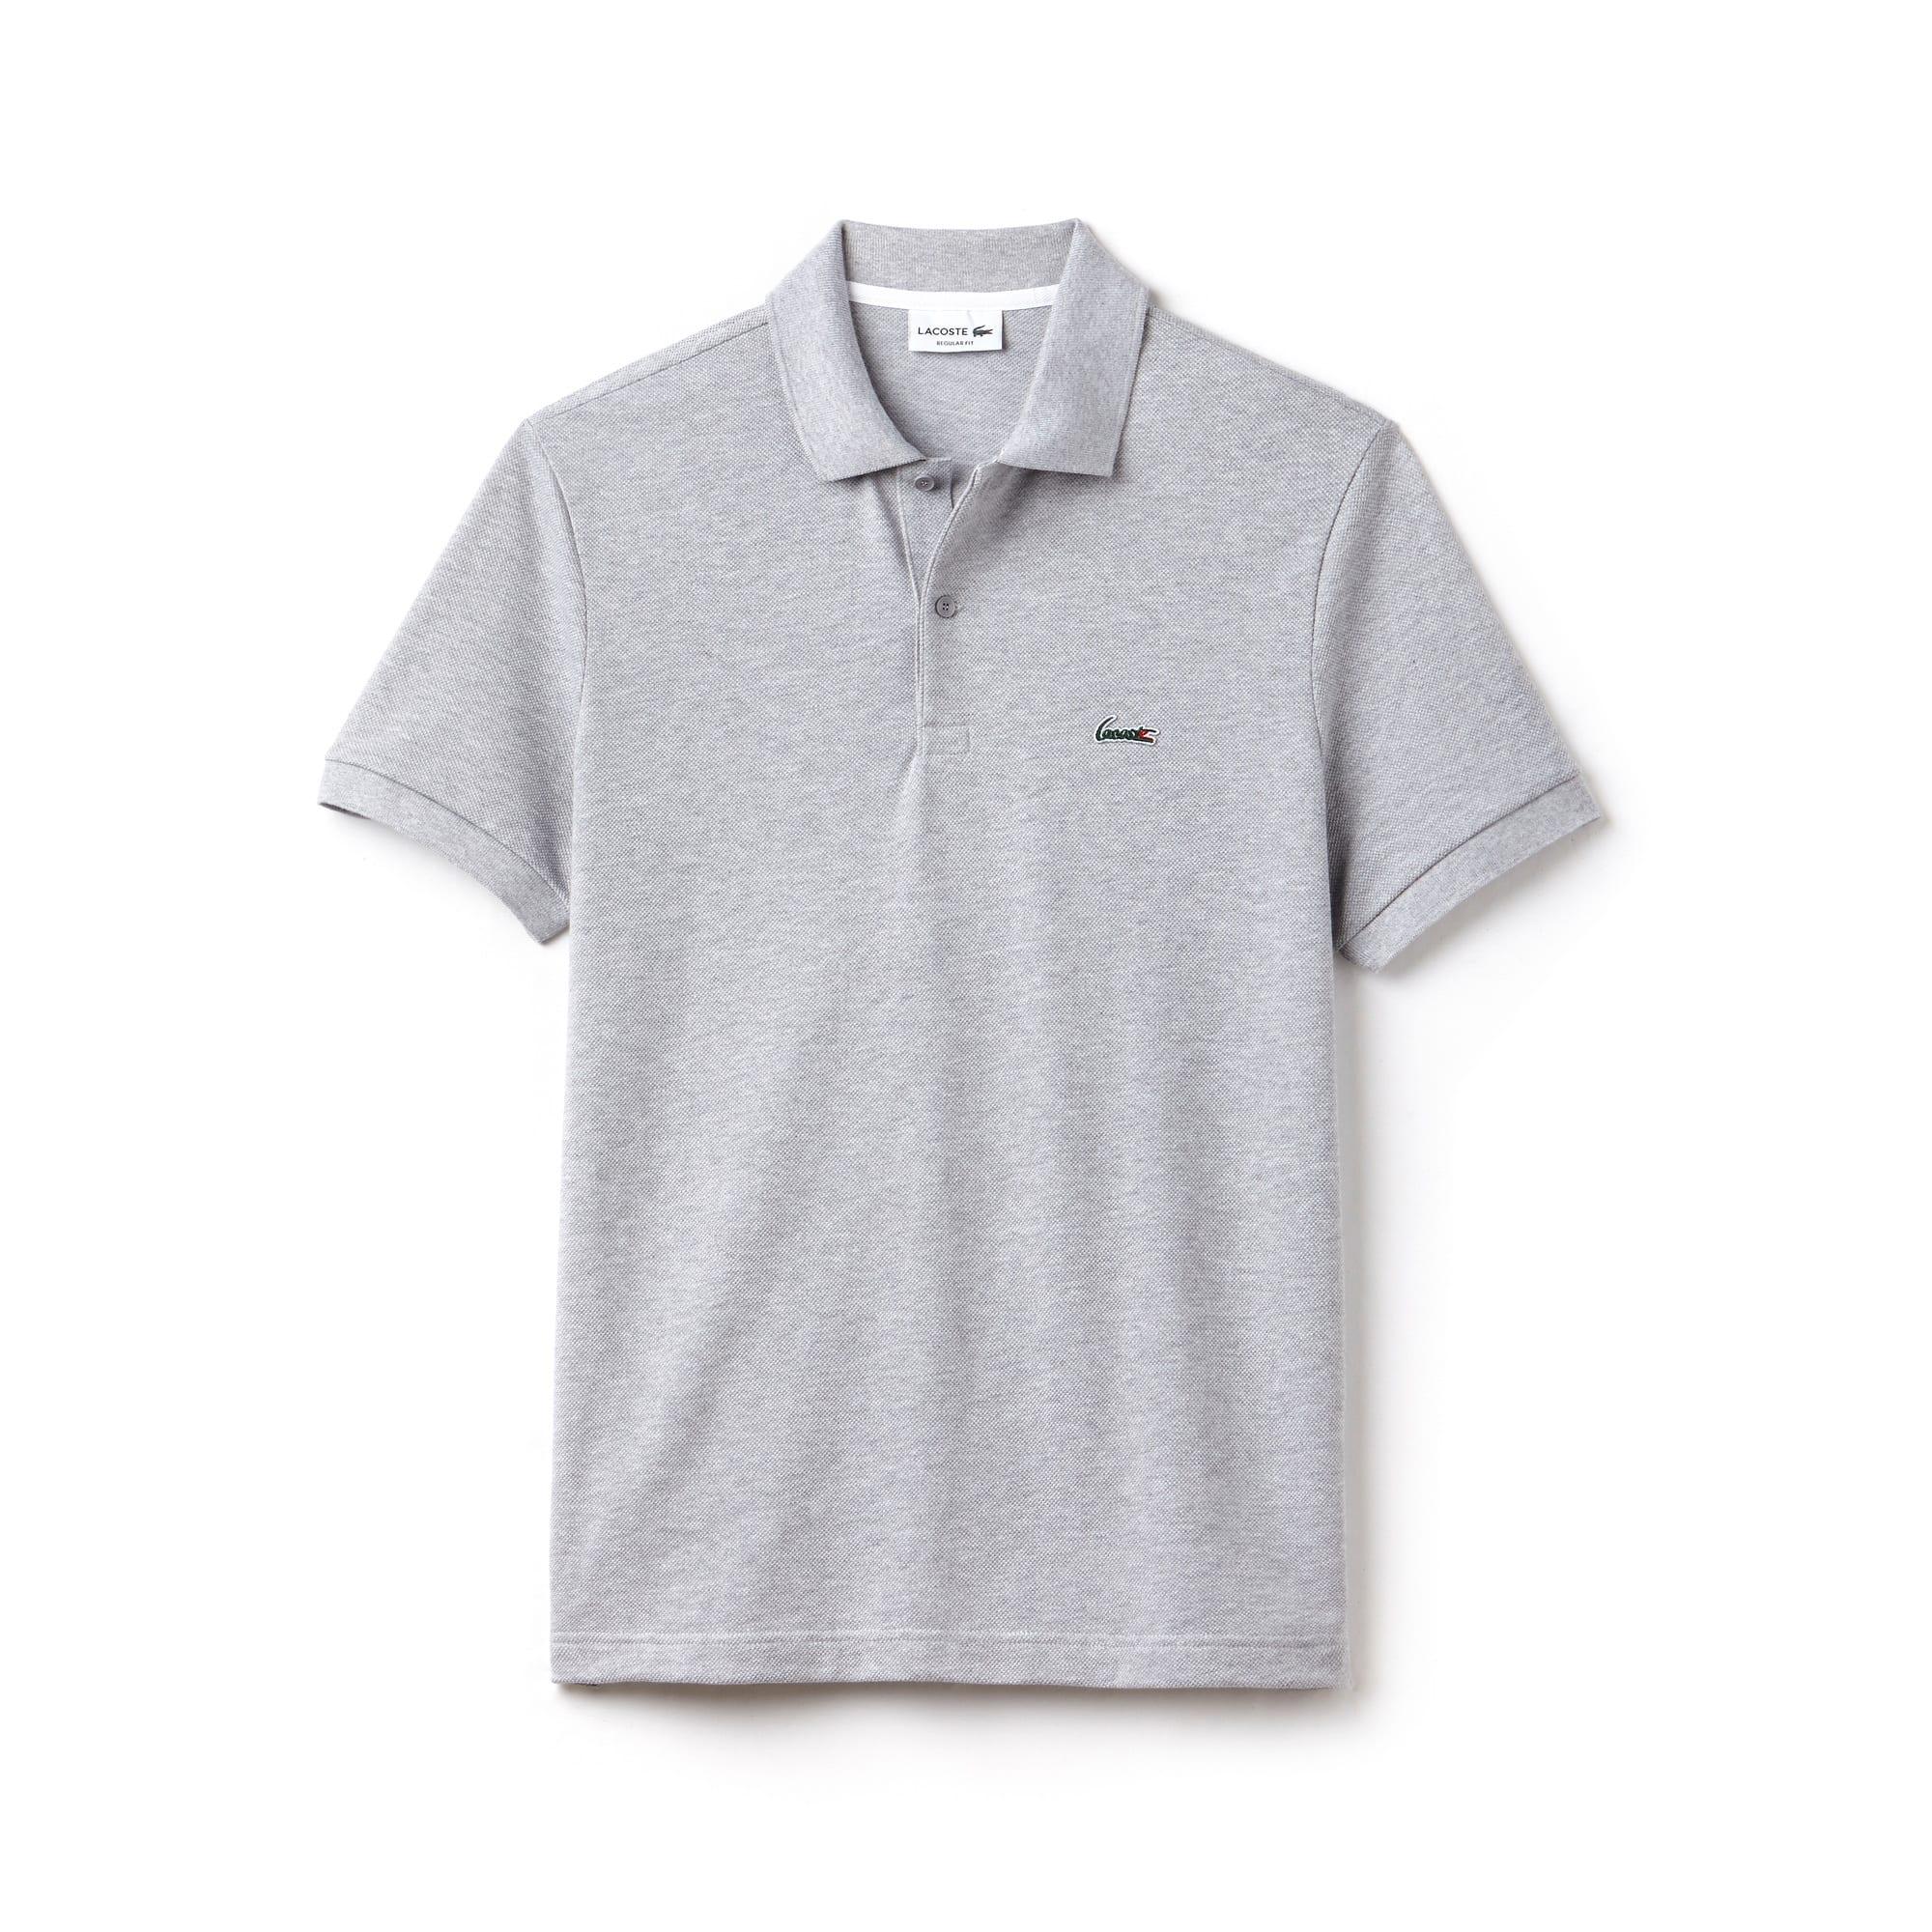 Regular Fit Herren-Polo aus dicker Baumwolle